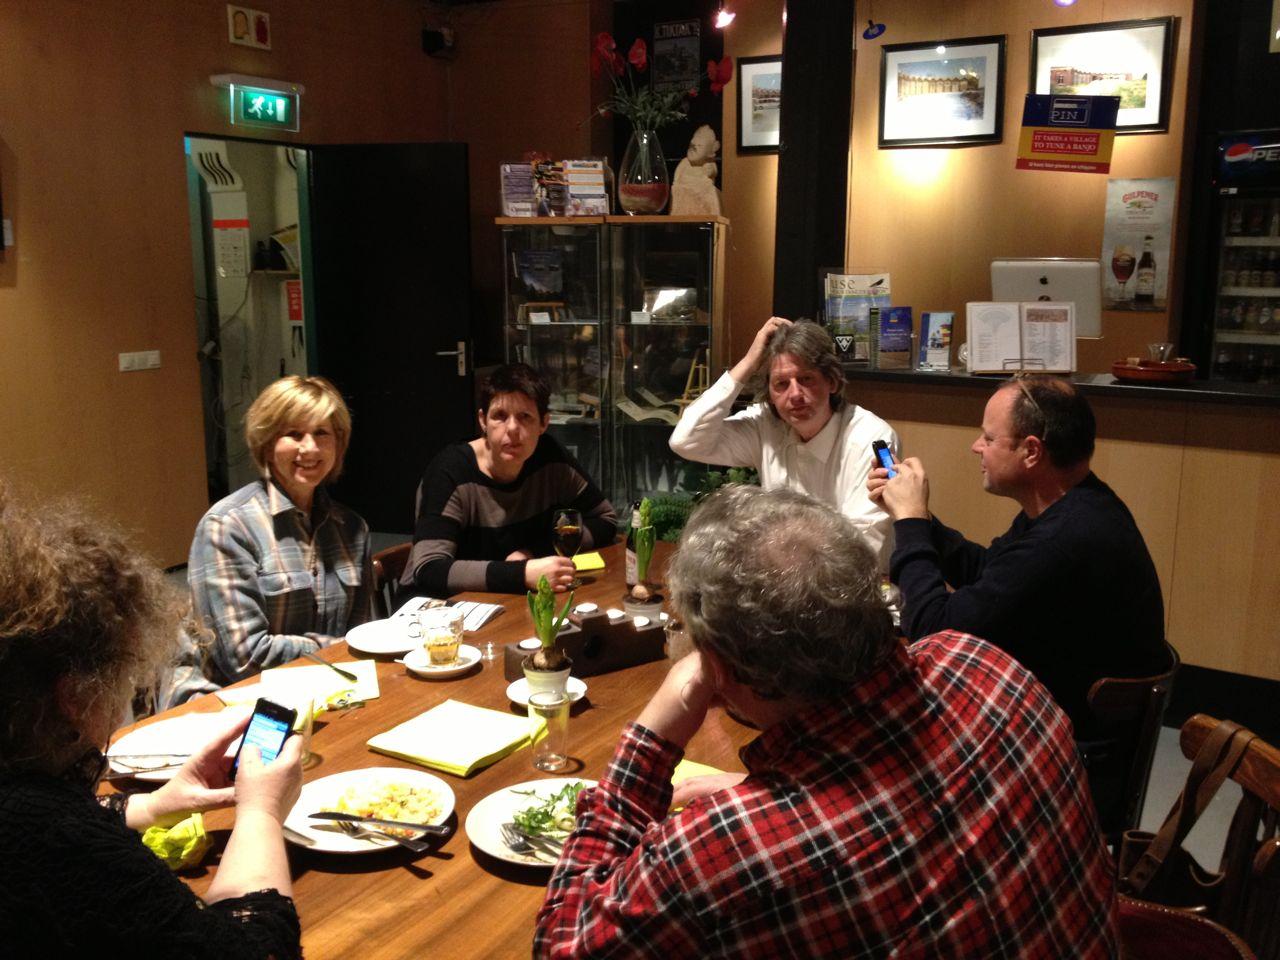 feest vriend gezicht zitten in Roermond